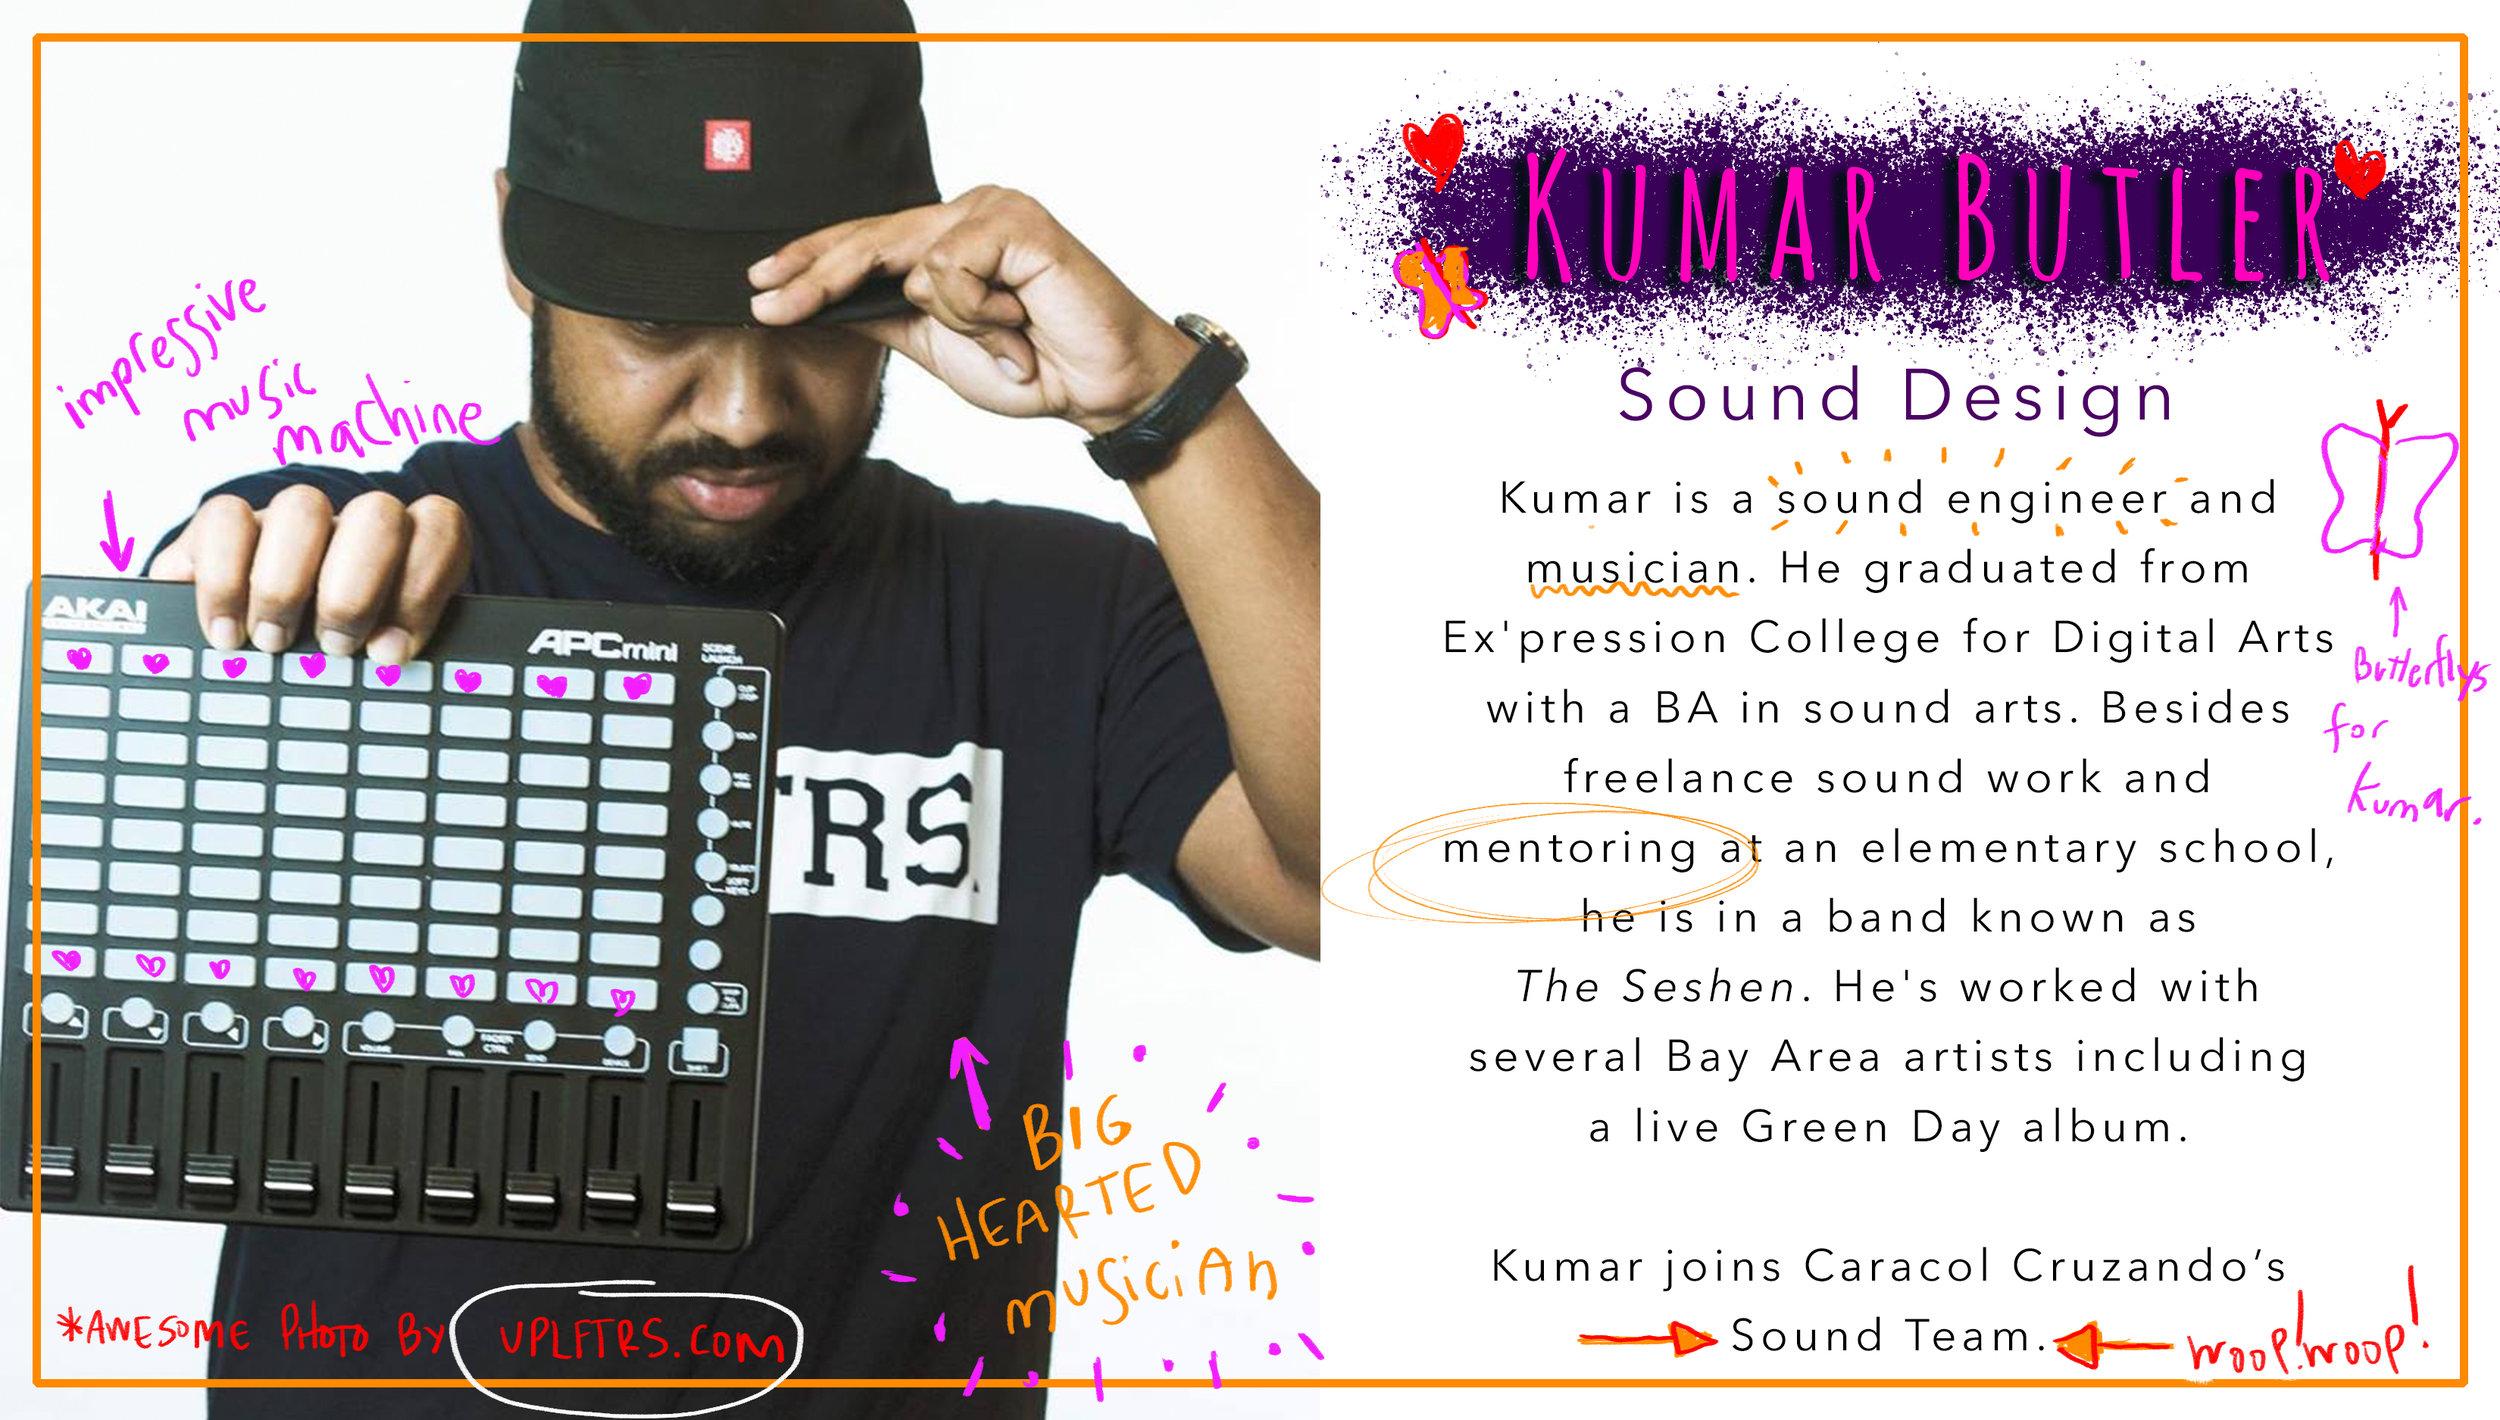 Kumar Butler